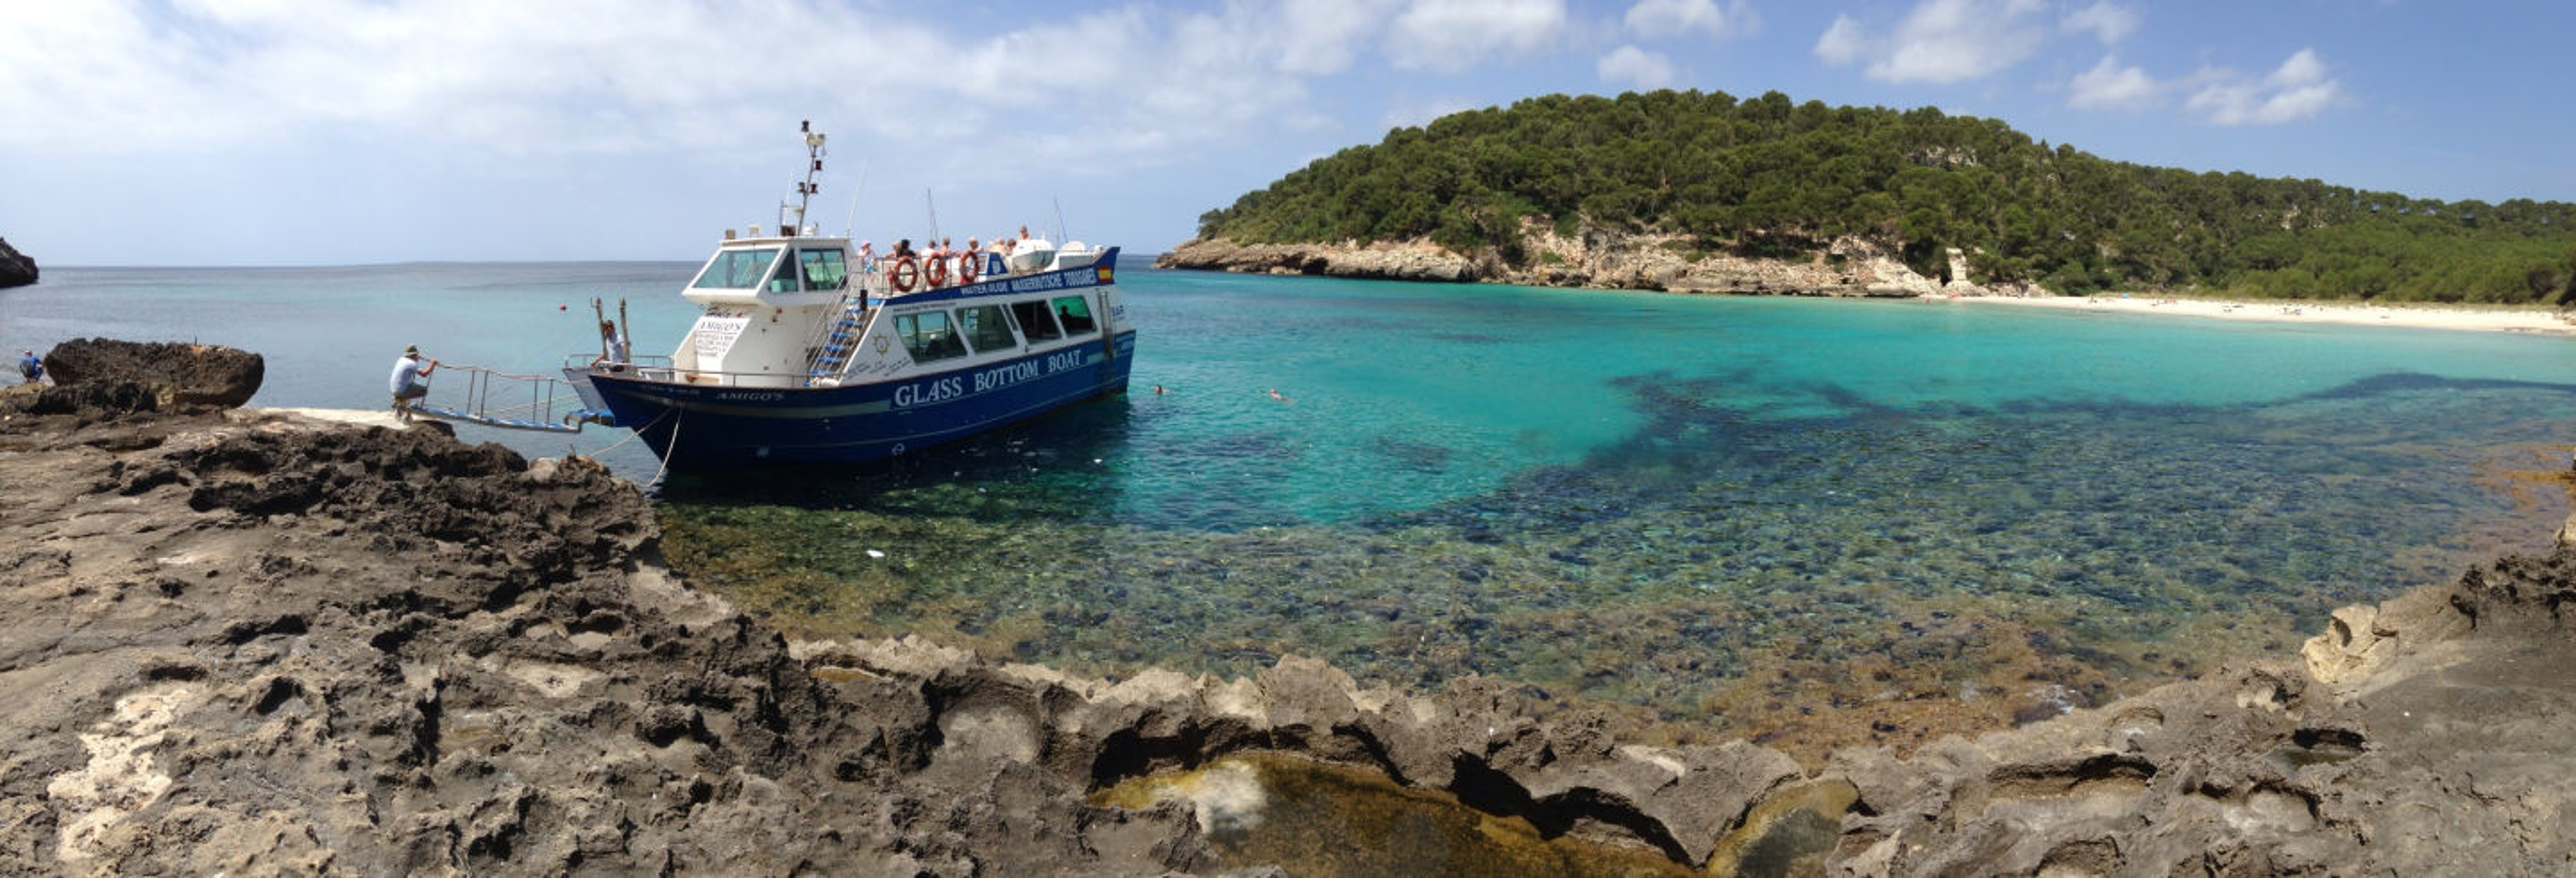 Passeio de barco pelo sul de Menorca saindo de Cala'n Bosch